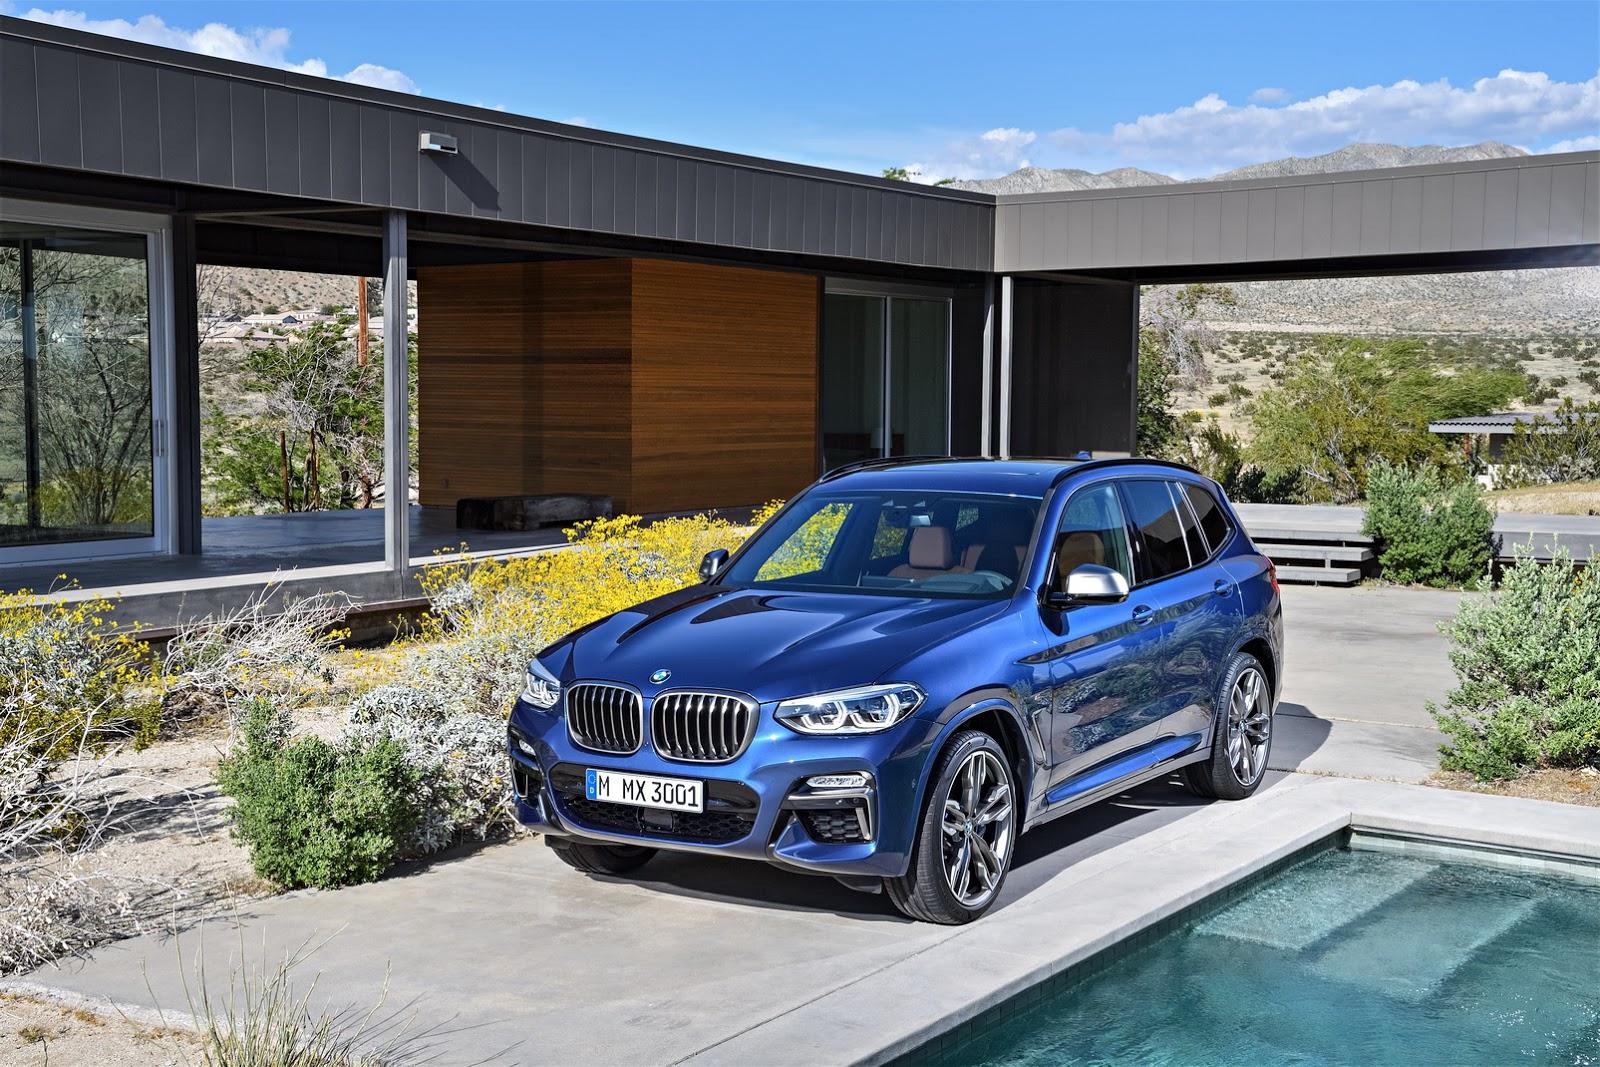 BMW X3 2018 (12)